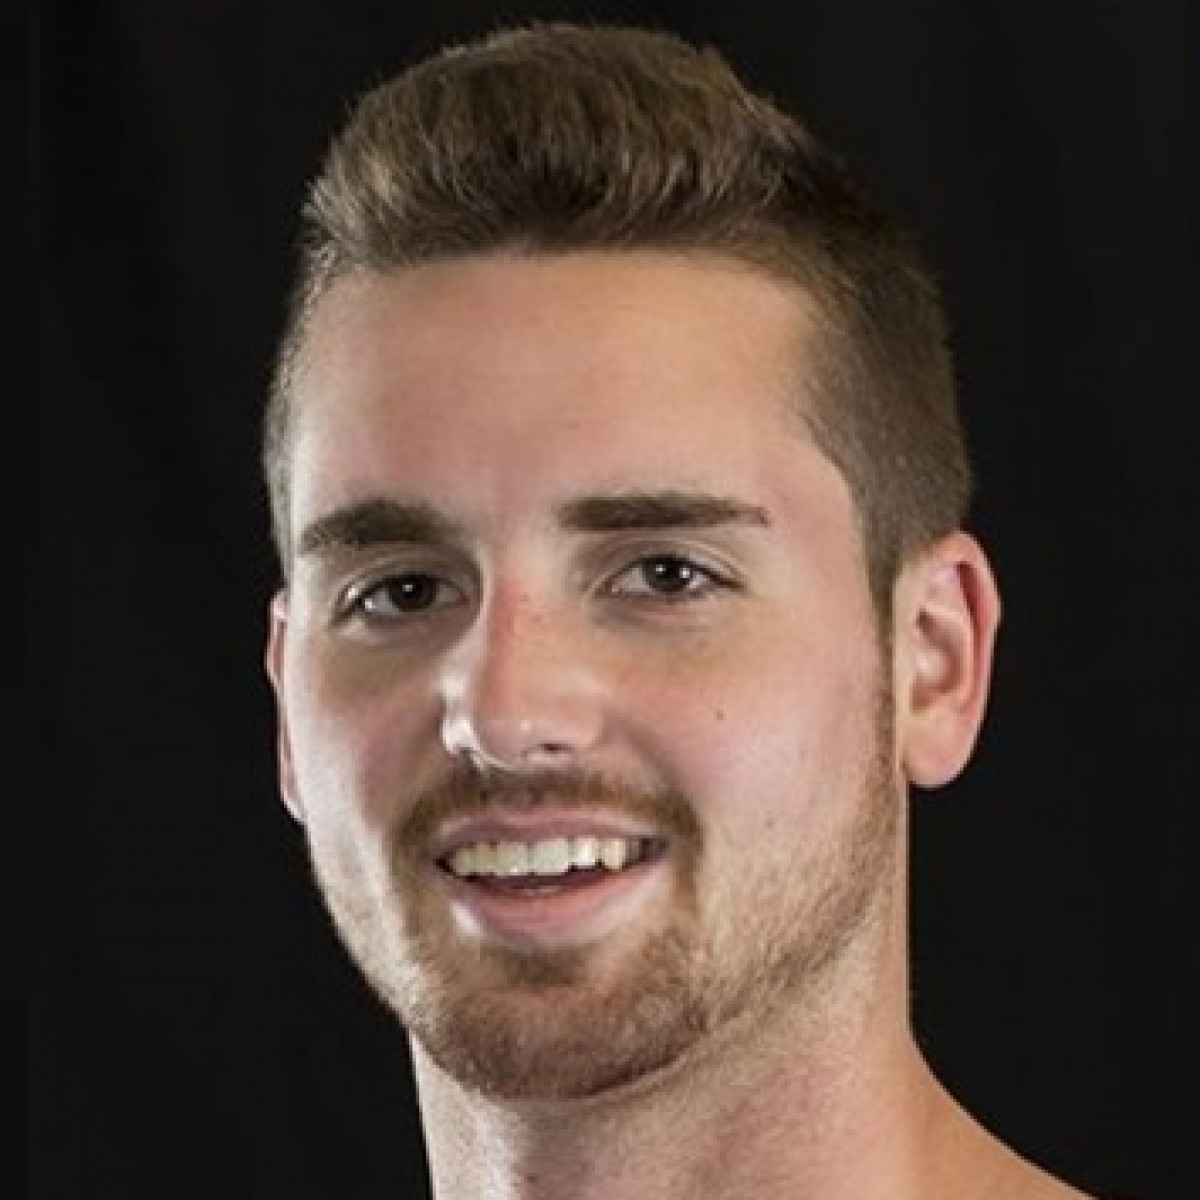 Nate Reuvers